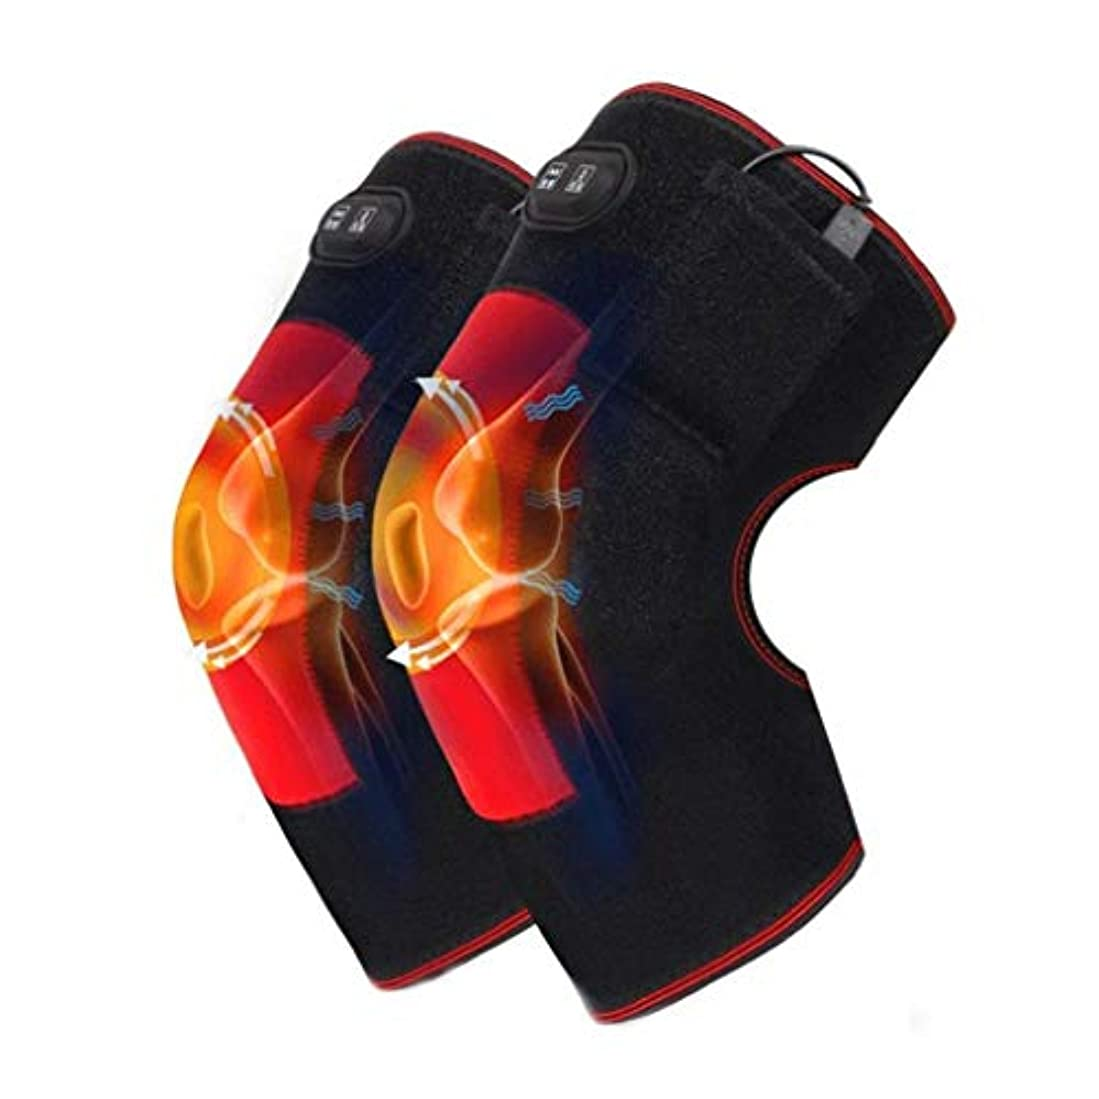 膝圧迫スリーブ、膝巻き式温熱パッド、関節炎、慢性関節痛、腱炎、膝脱臼、涙靭帯を効果的に緩和できる